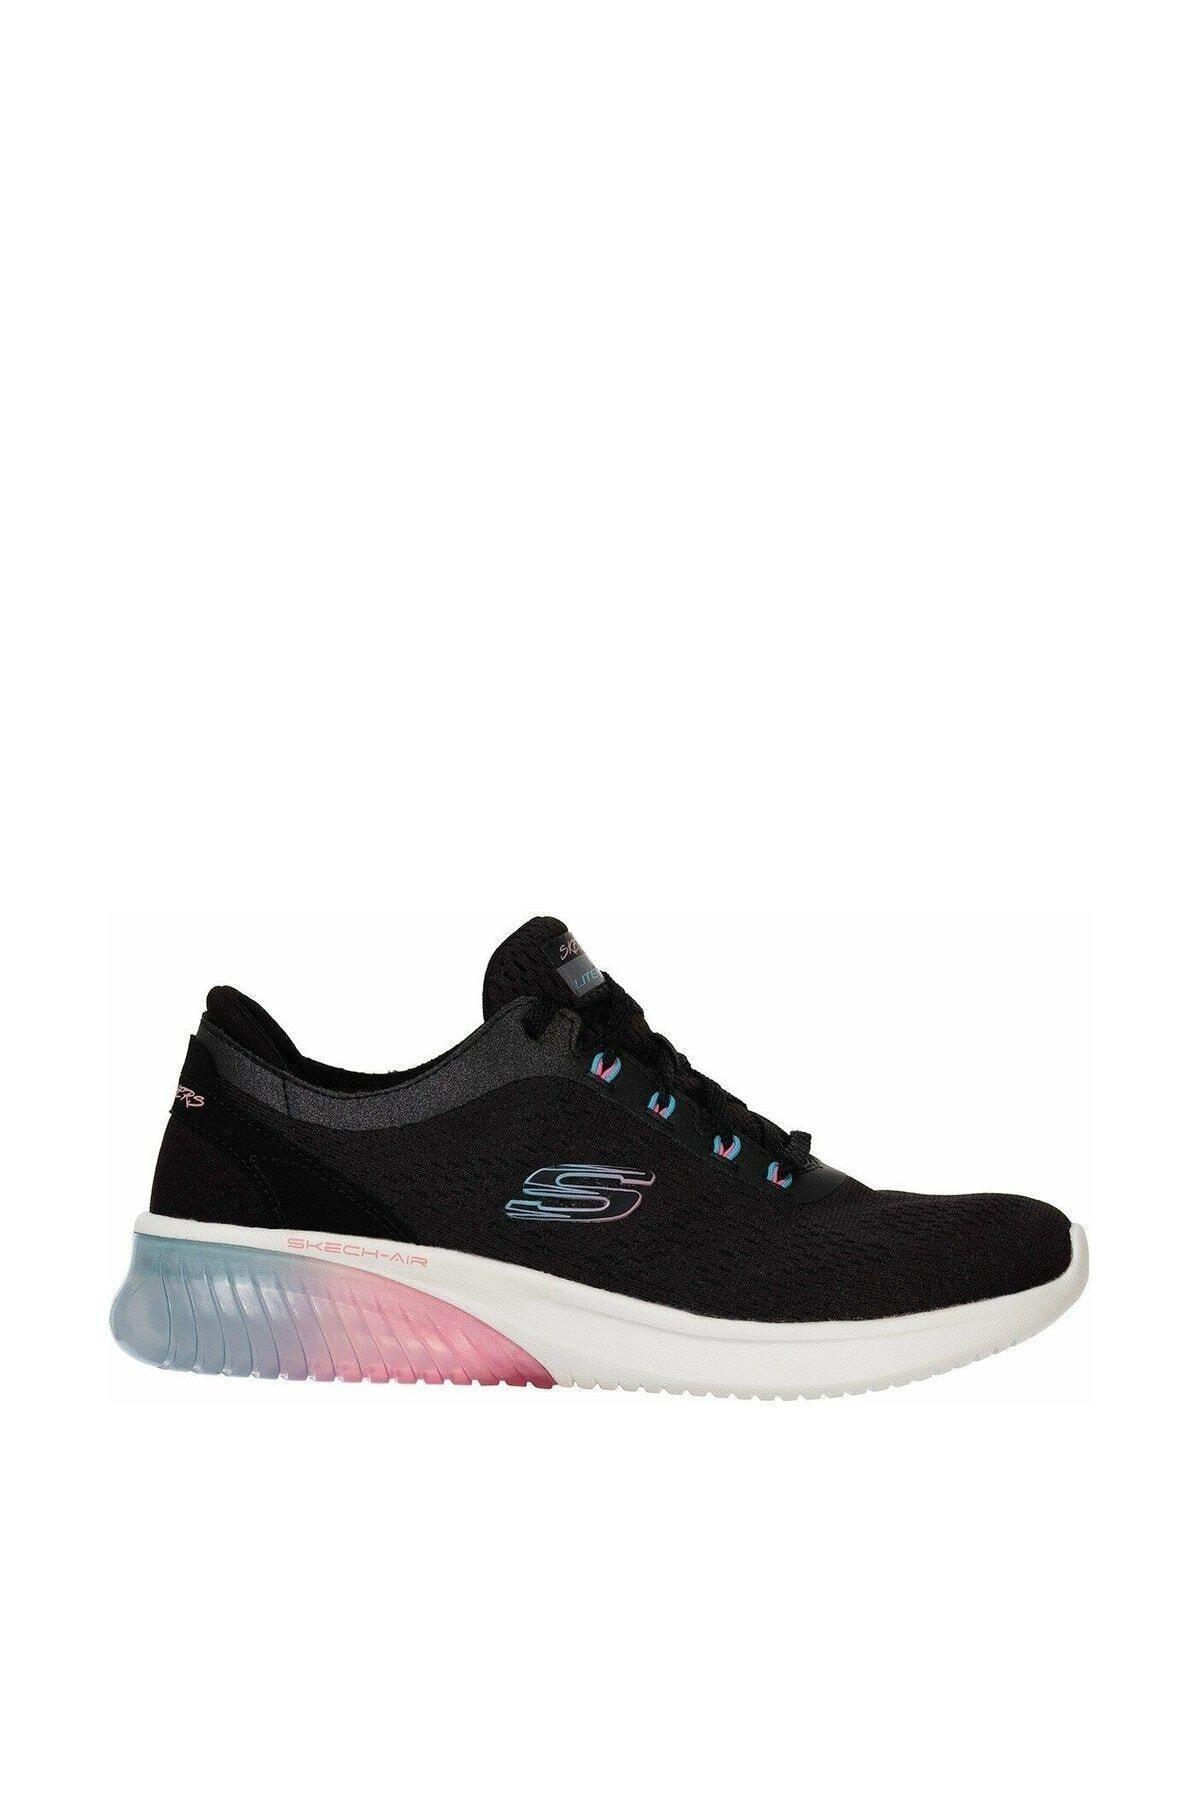 SKECHERS Kadın Siyah Yürüyüş Ayakkabısı 13293BBLP 1